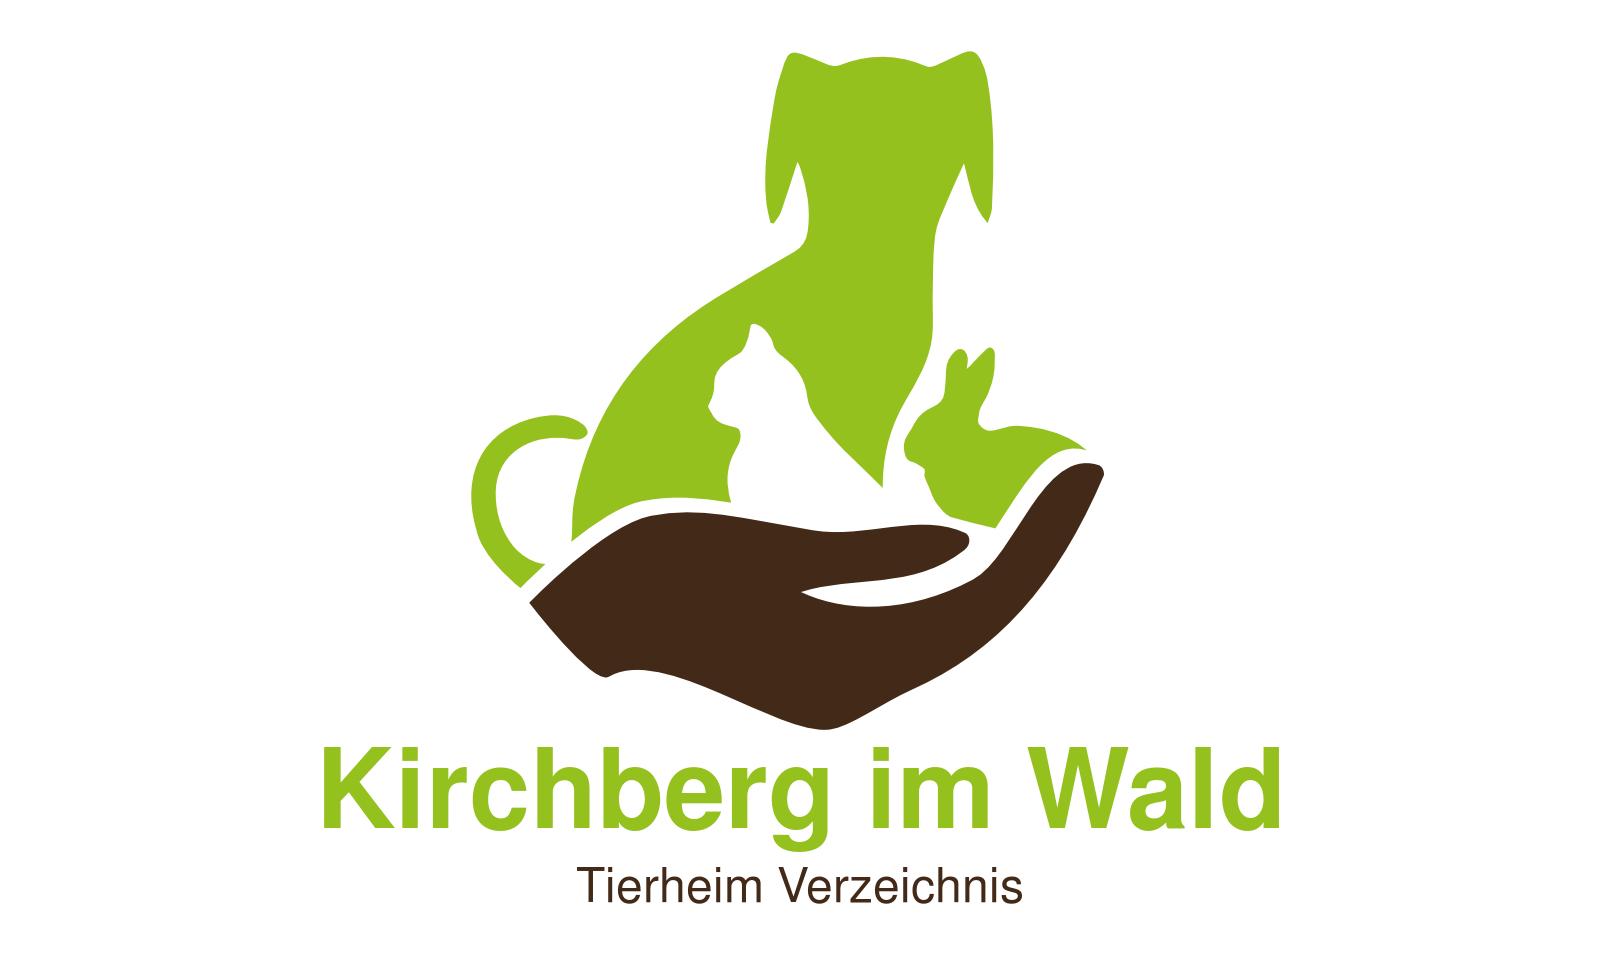 Tierheim Kirchberg im Wald